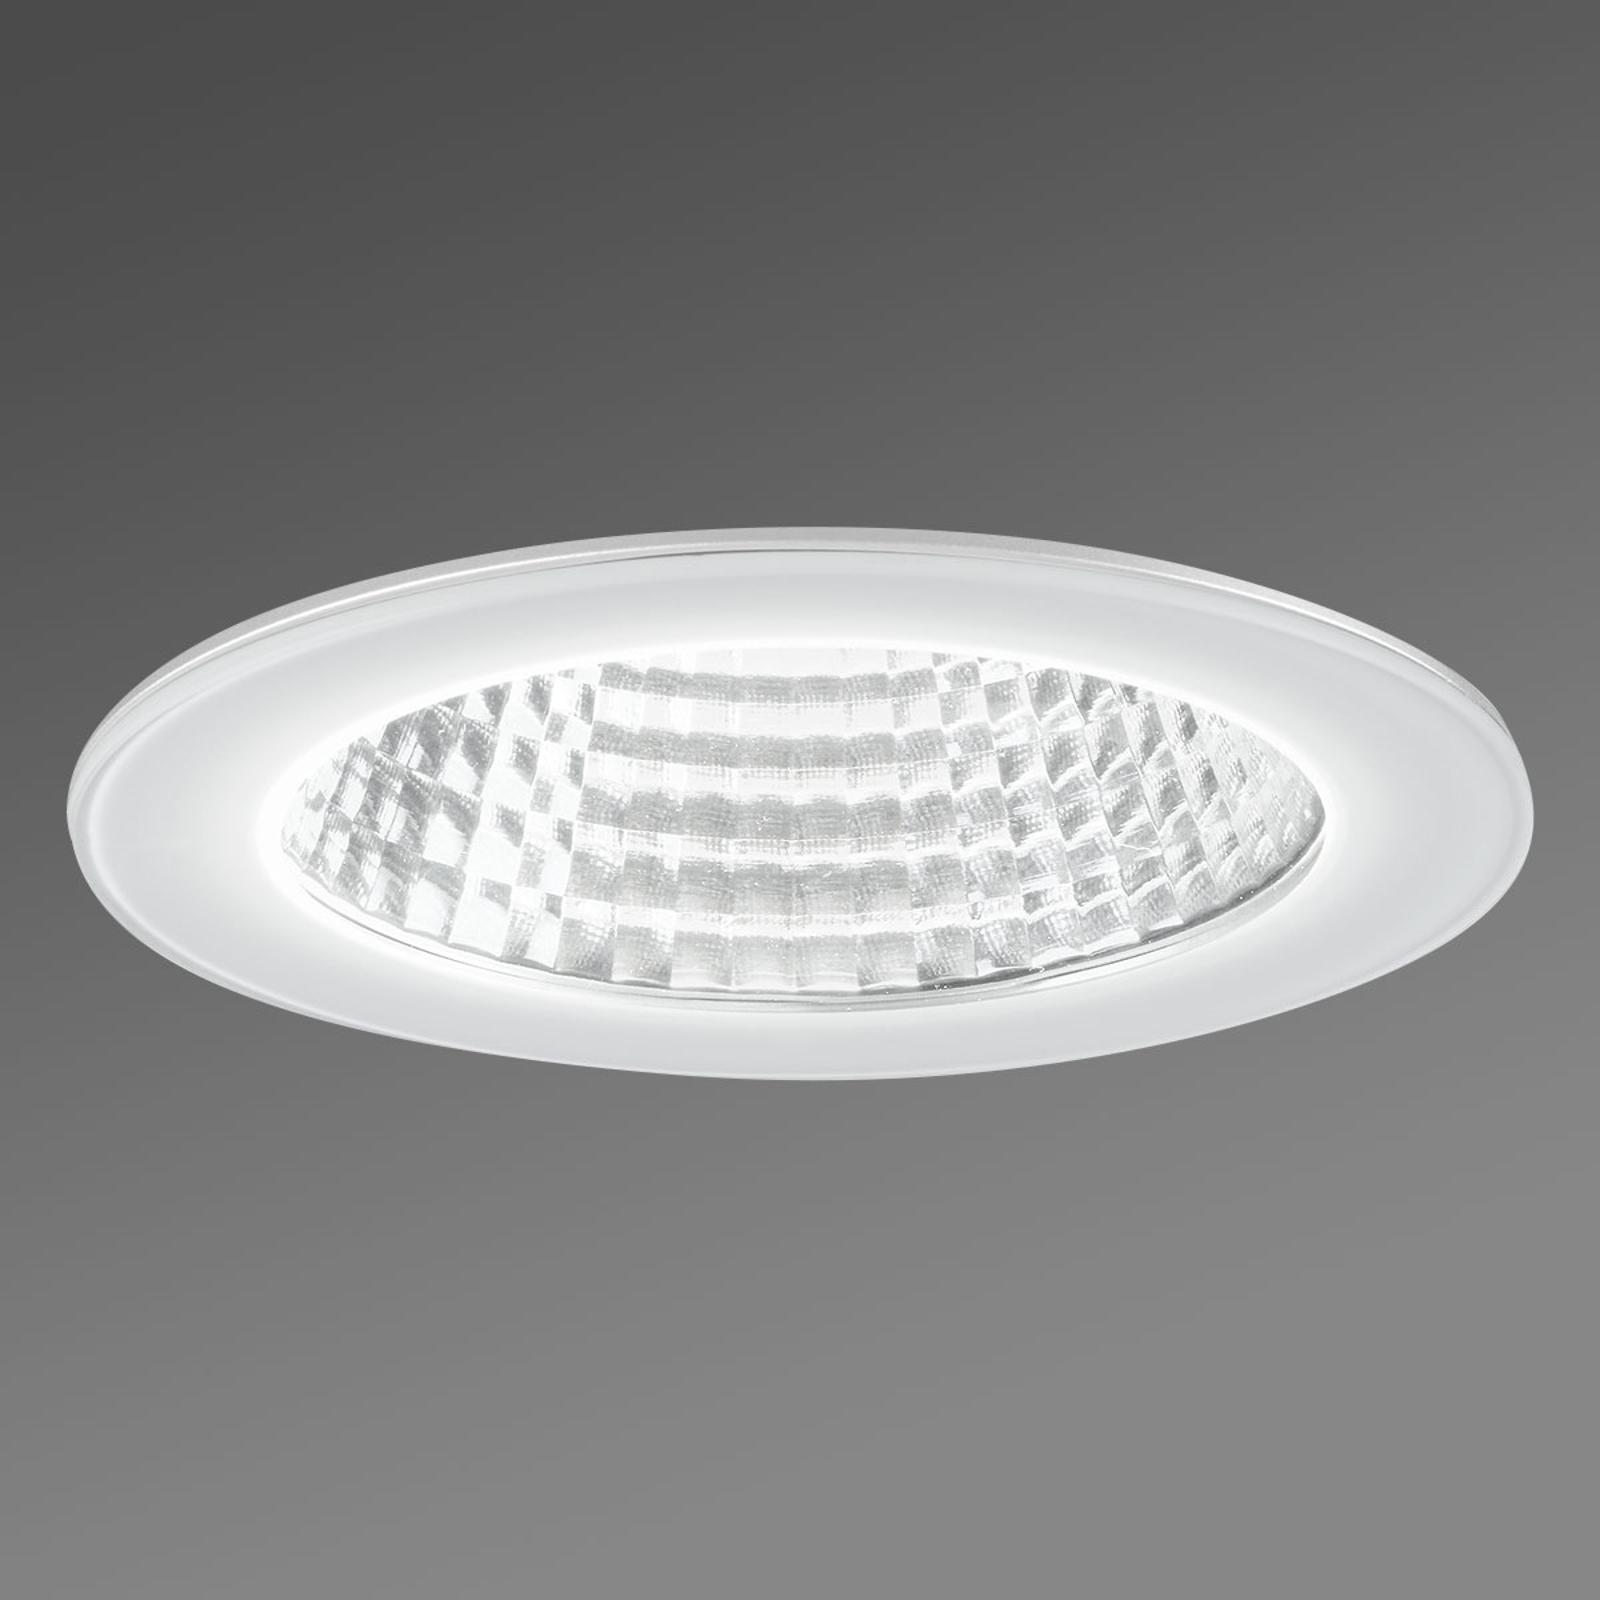 Lampe encastrable LED IDown 26 anti-éclaboussures